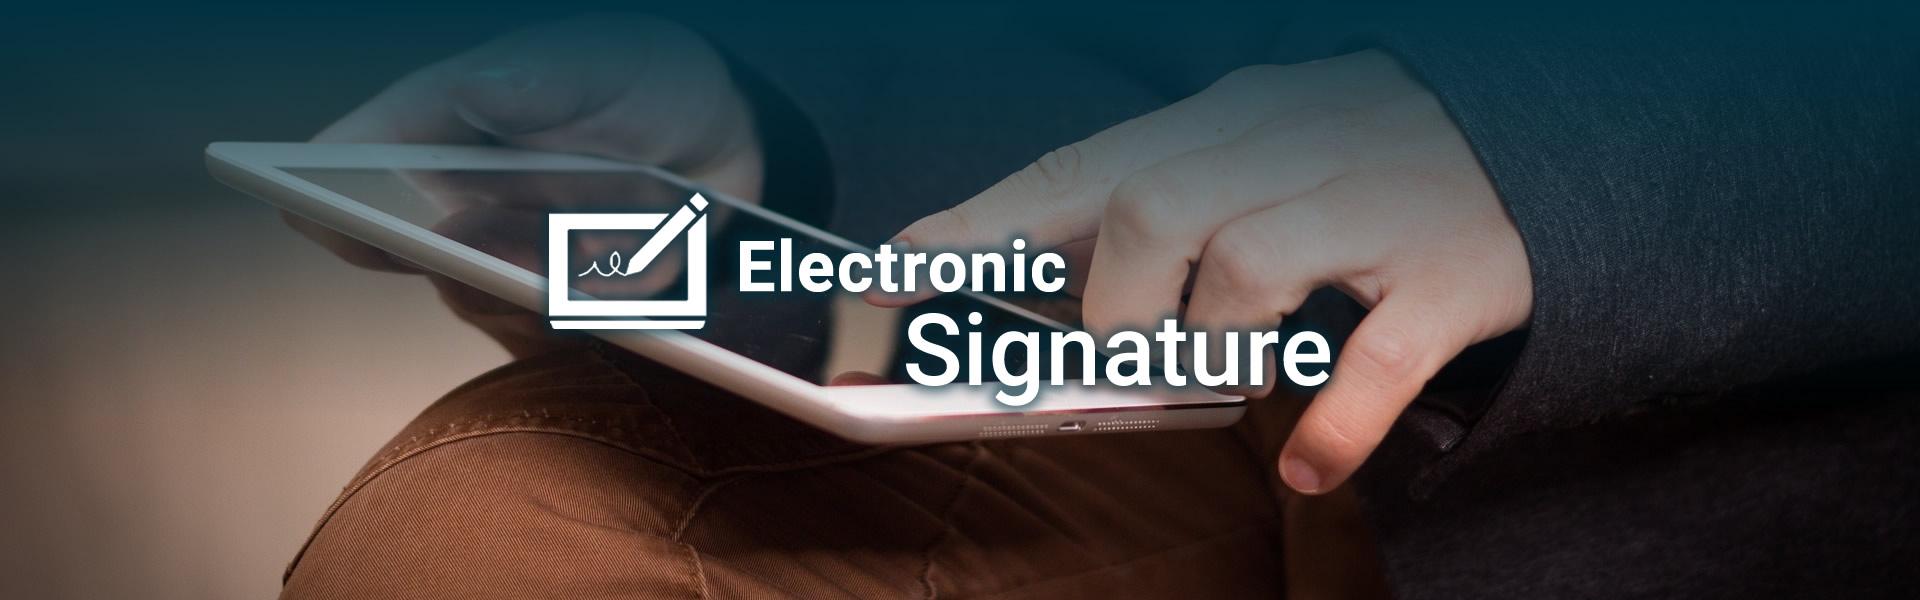 Electronic Signature Netco Signature